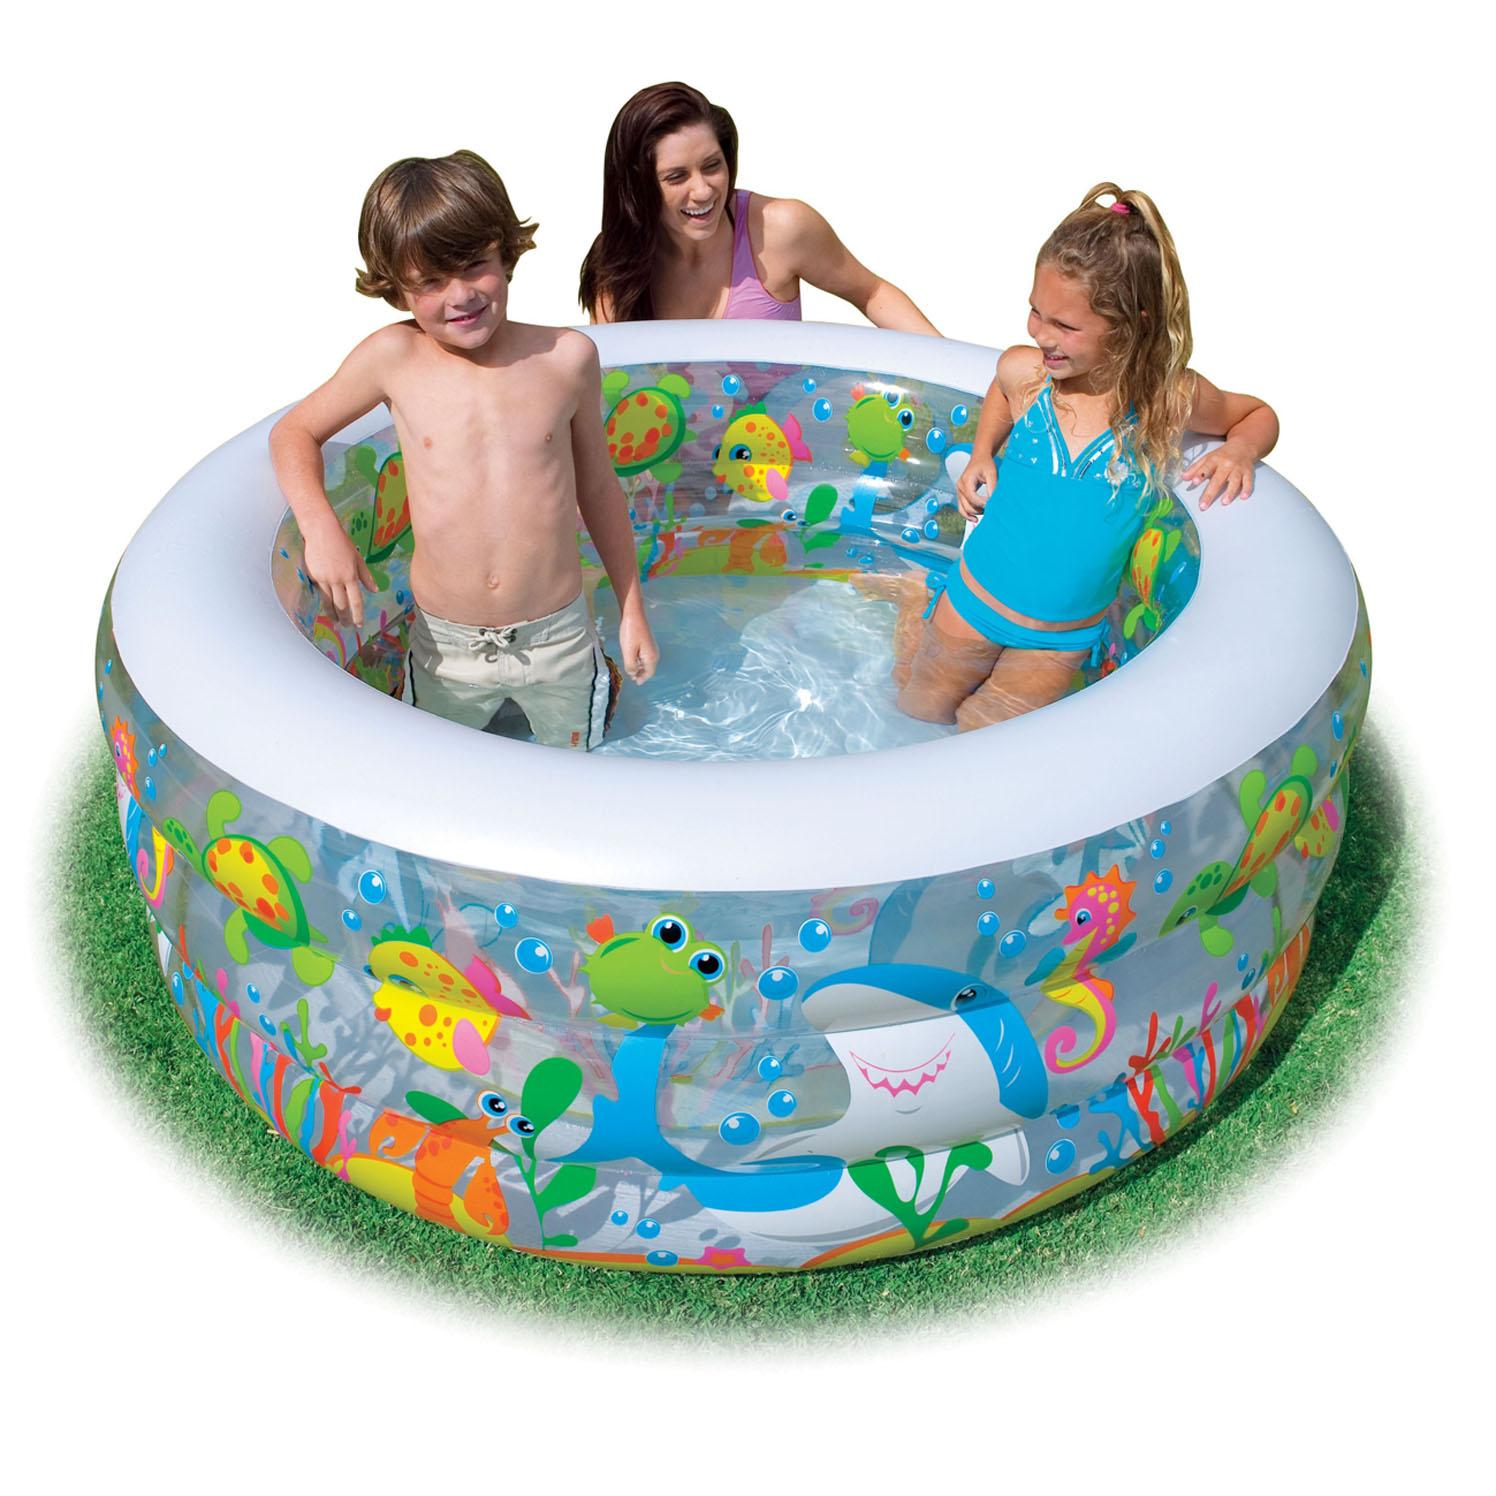 купить бассейн для детей